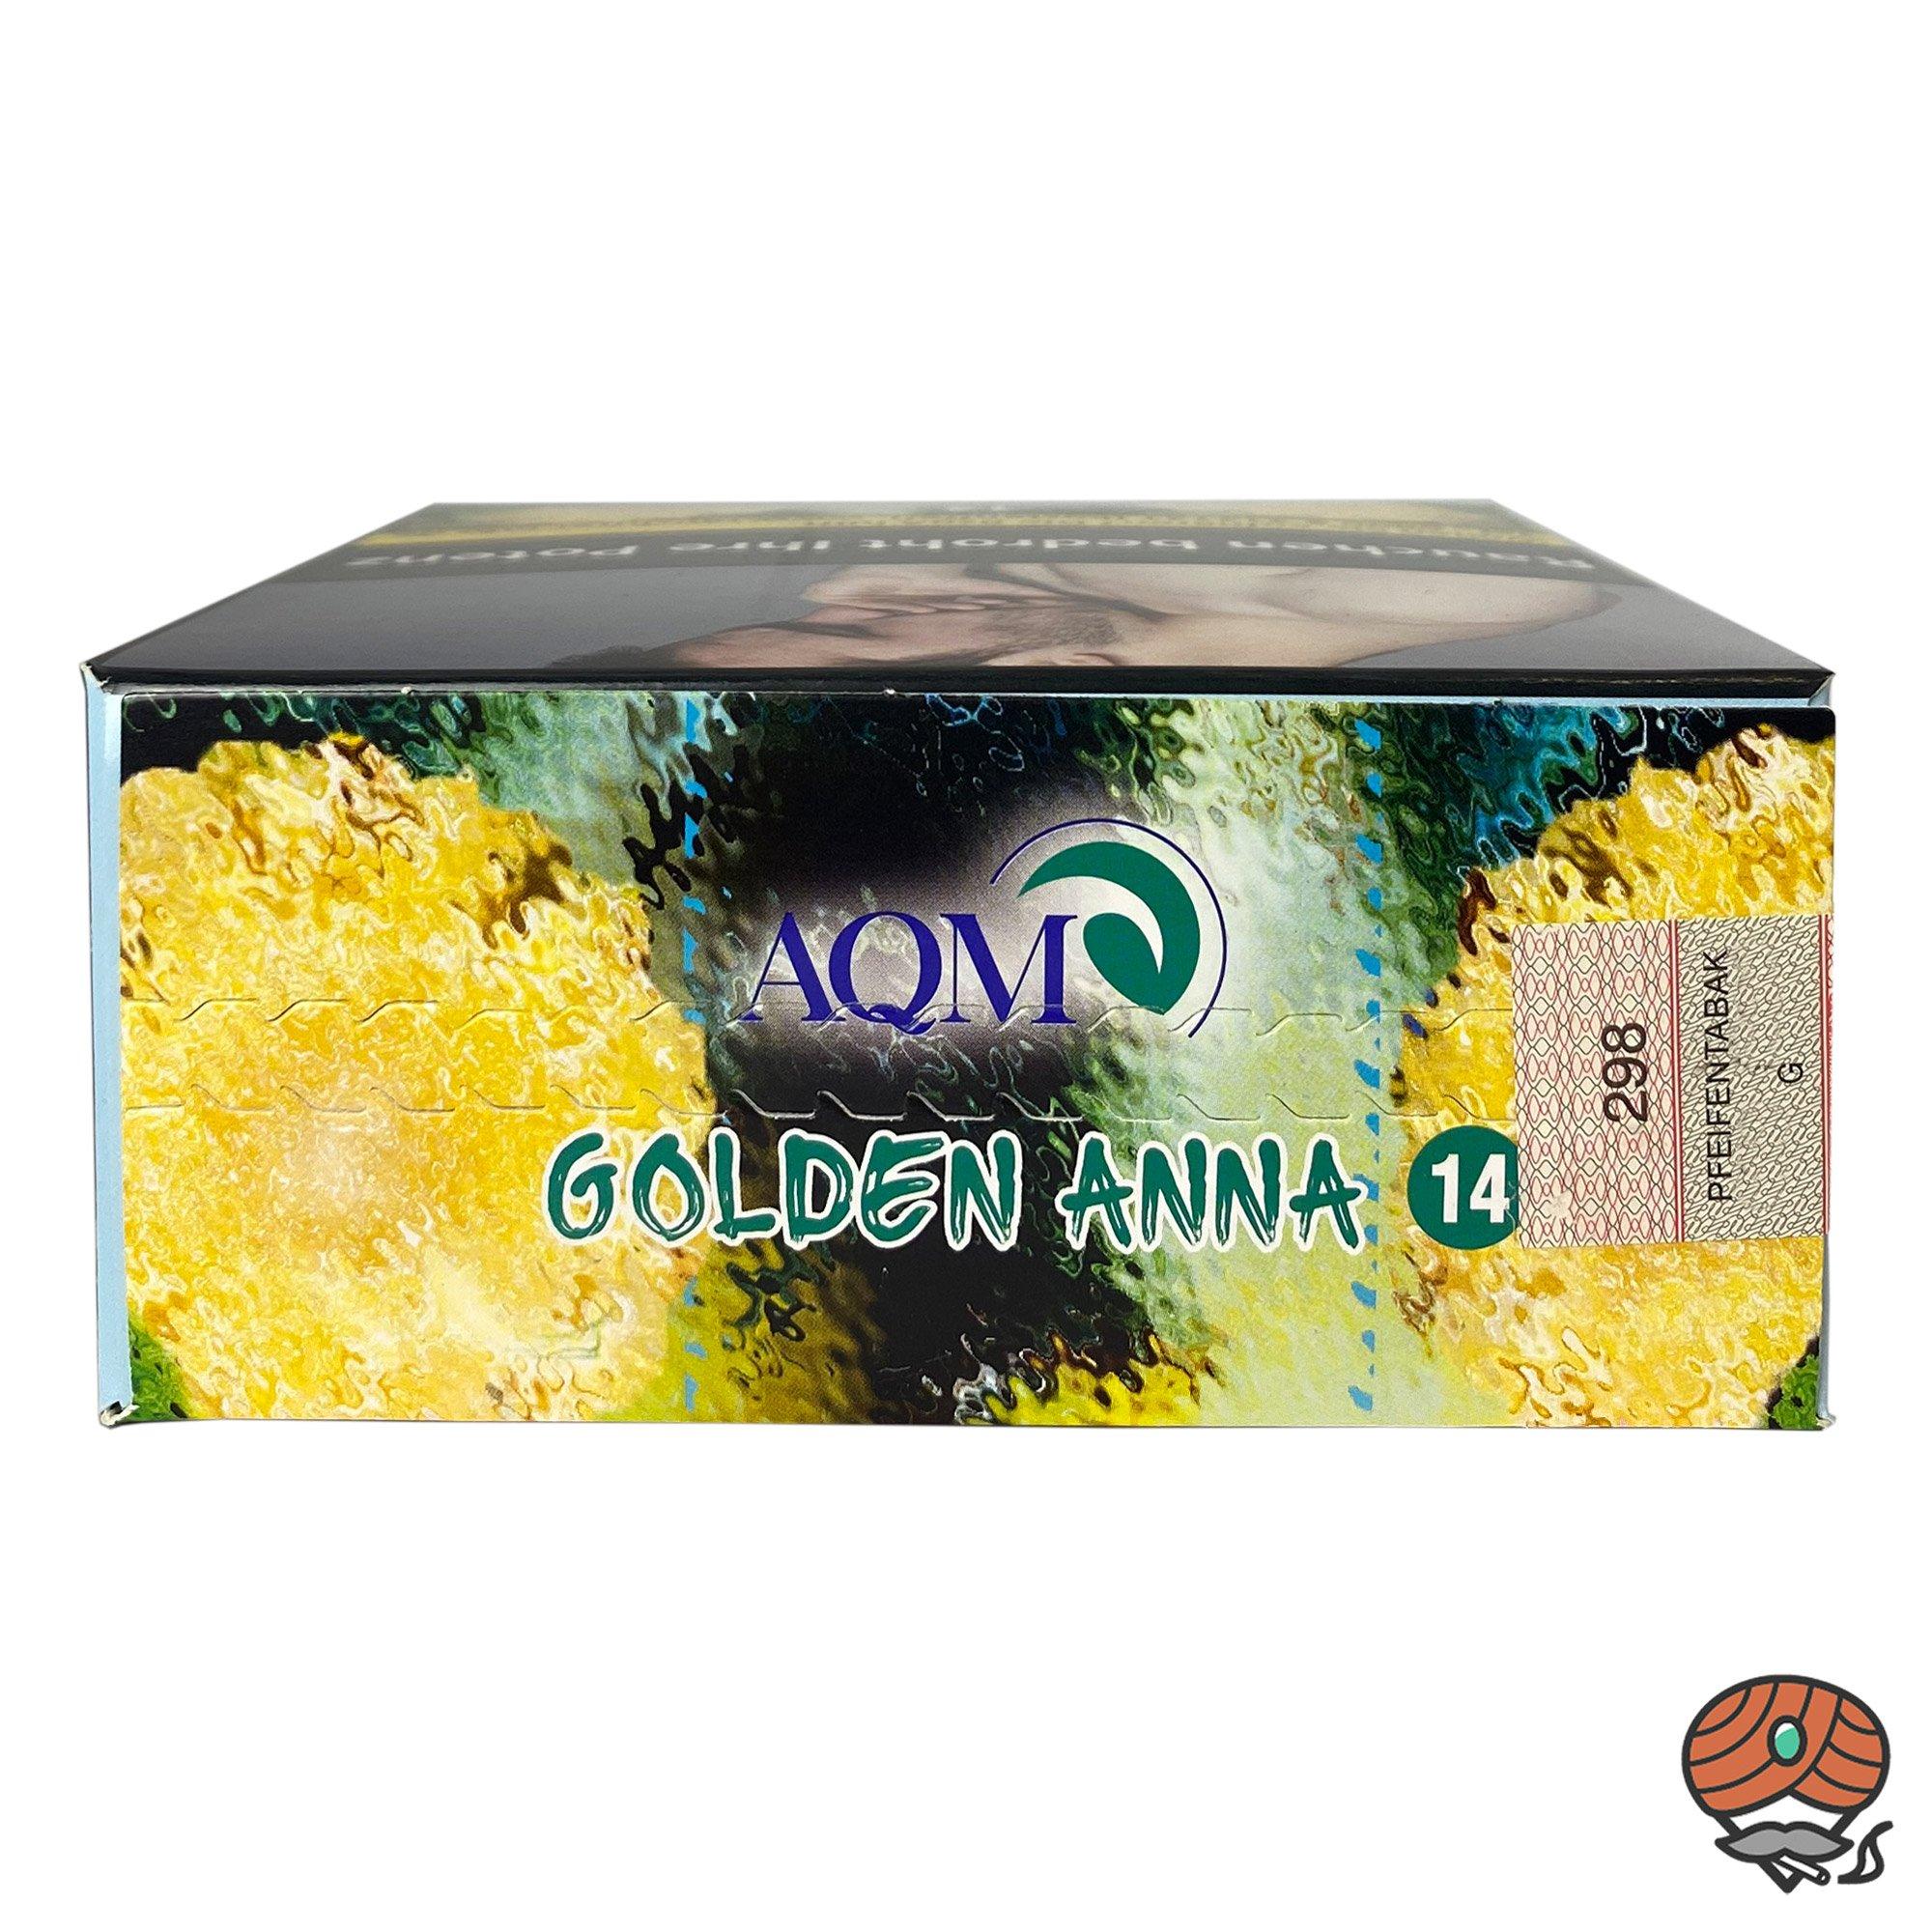 Aqua Mentha GOLDEN ANNA #14 200g Shisha Tabak (ehem. PYNAP)